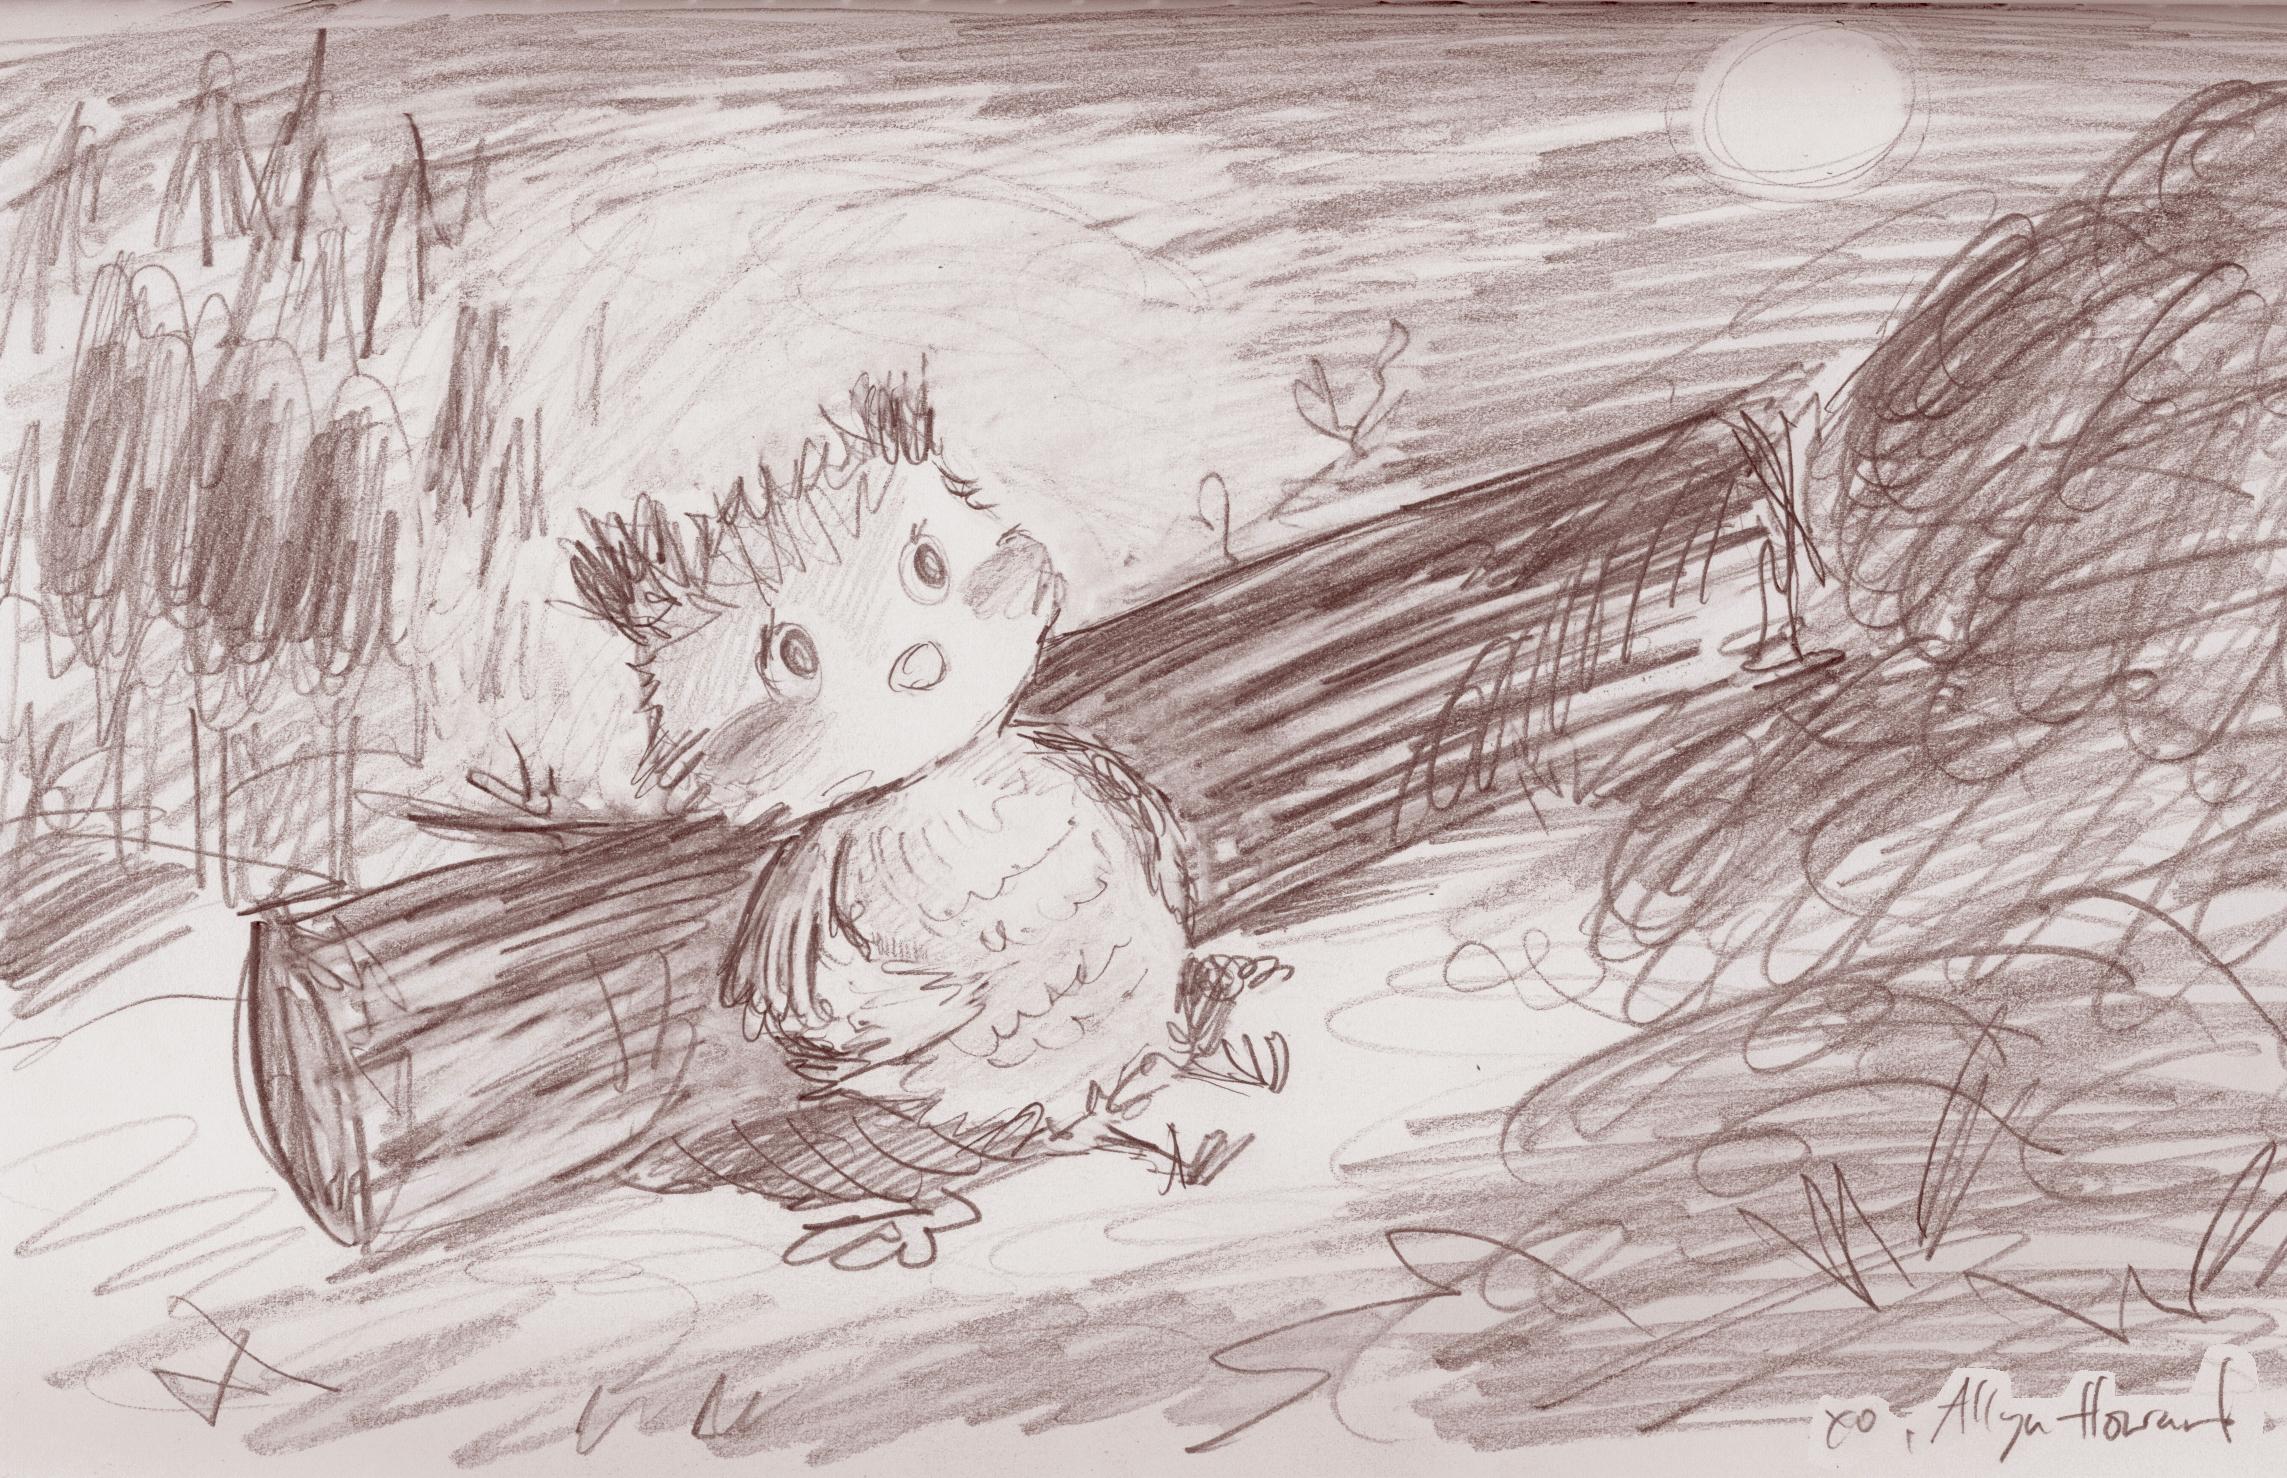 1 owl rests_Allyn_Howard.jpg